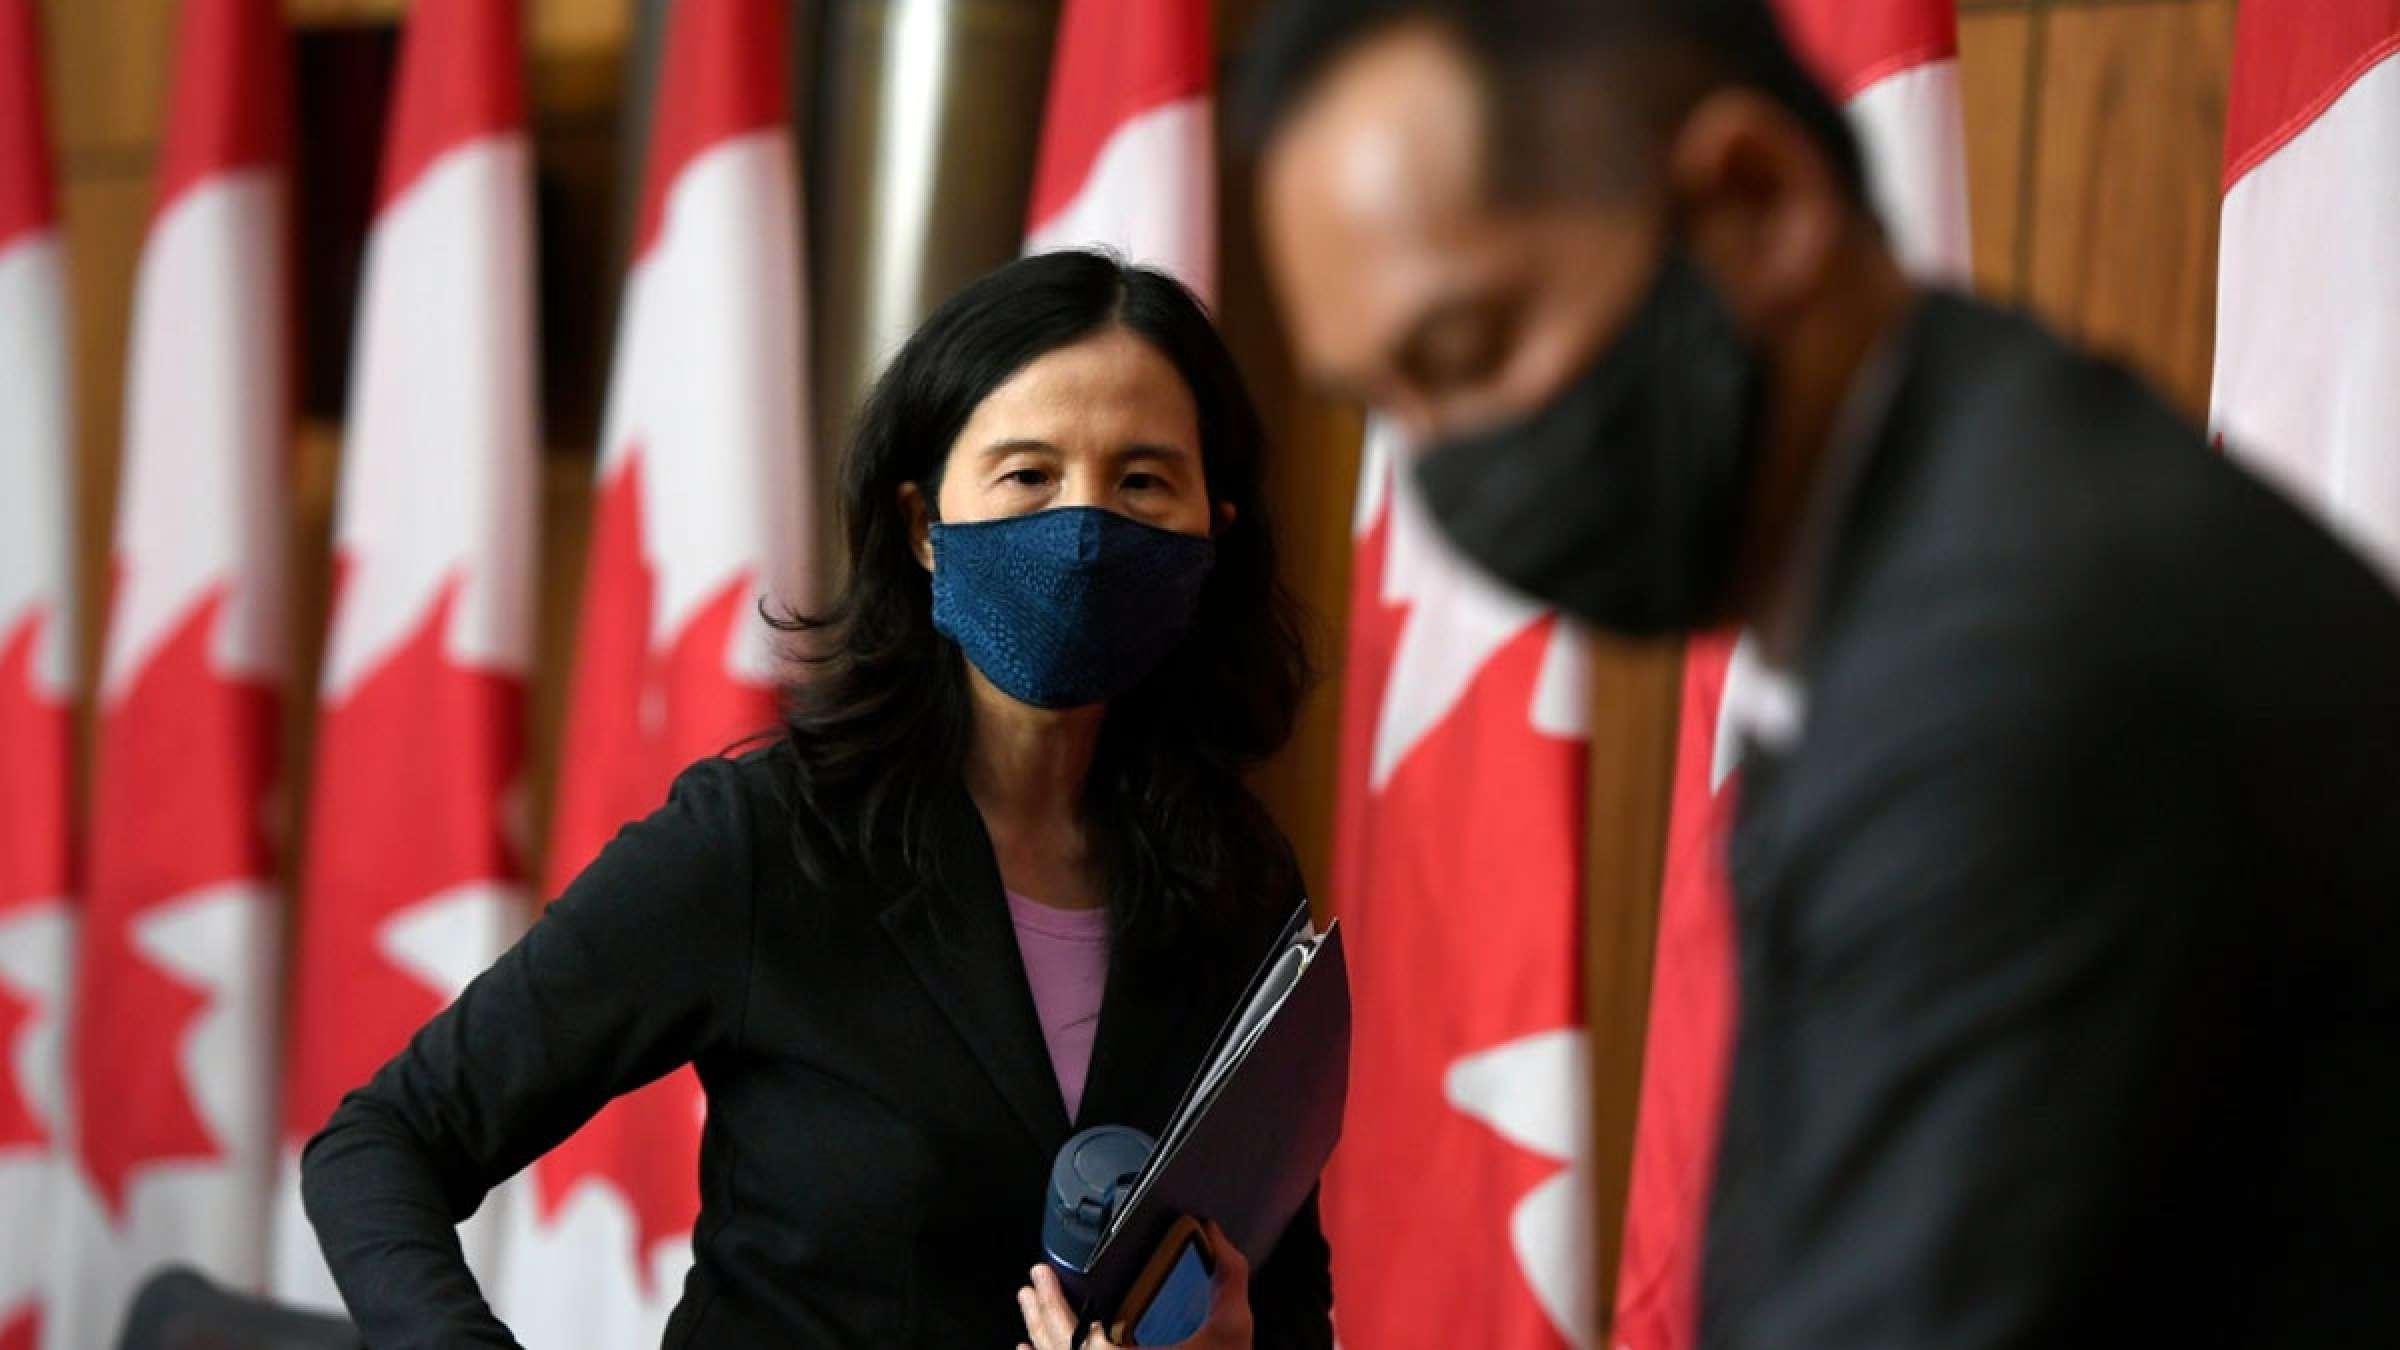 خبر-کانادا-دکتر-تام-دلتا-موج-چهارم-کرونا-آمریکا-۷۴-کرونایی-دو-دوز-واکسن-زده-اند